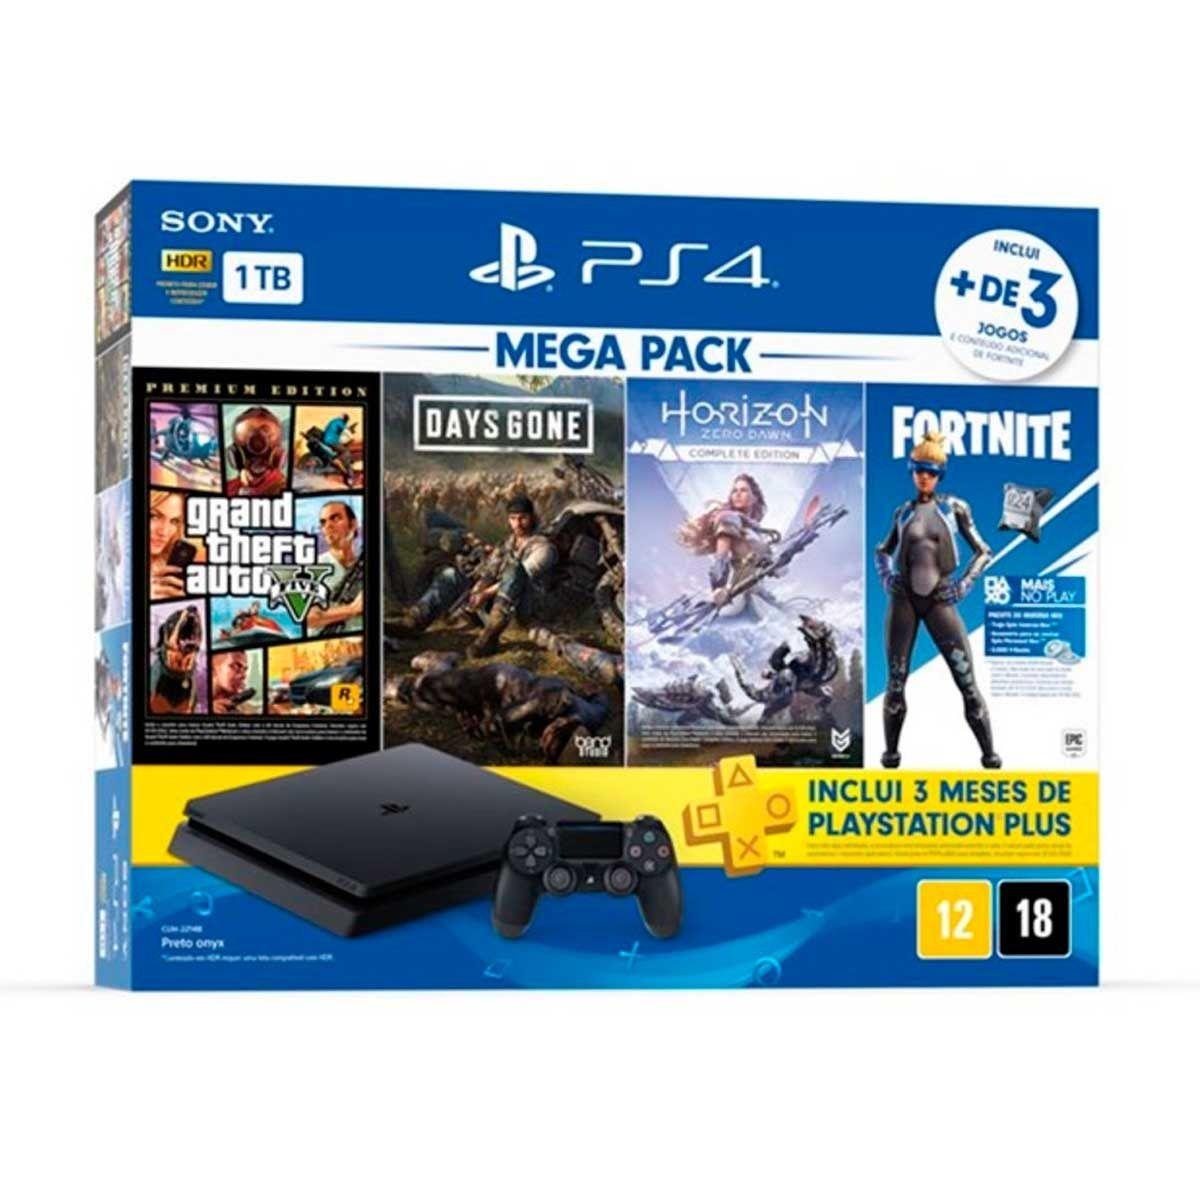 Playstation 4 Slim - 1 Terabyte + 3 Jogos (Days Gone + GTA V + Horizon Zero Dawn + Fortnite)